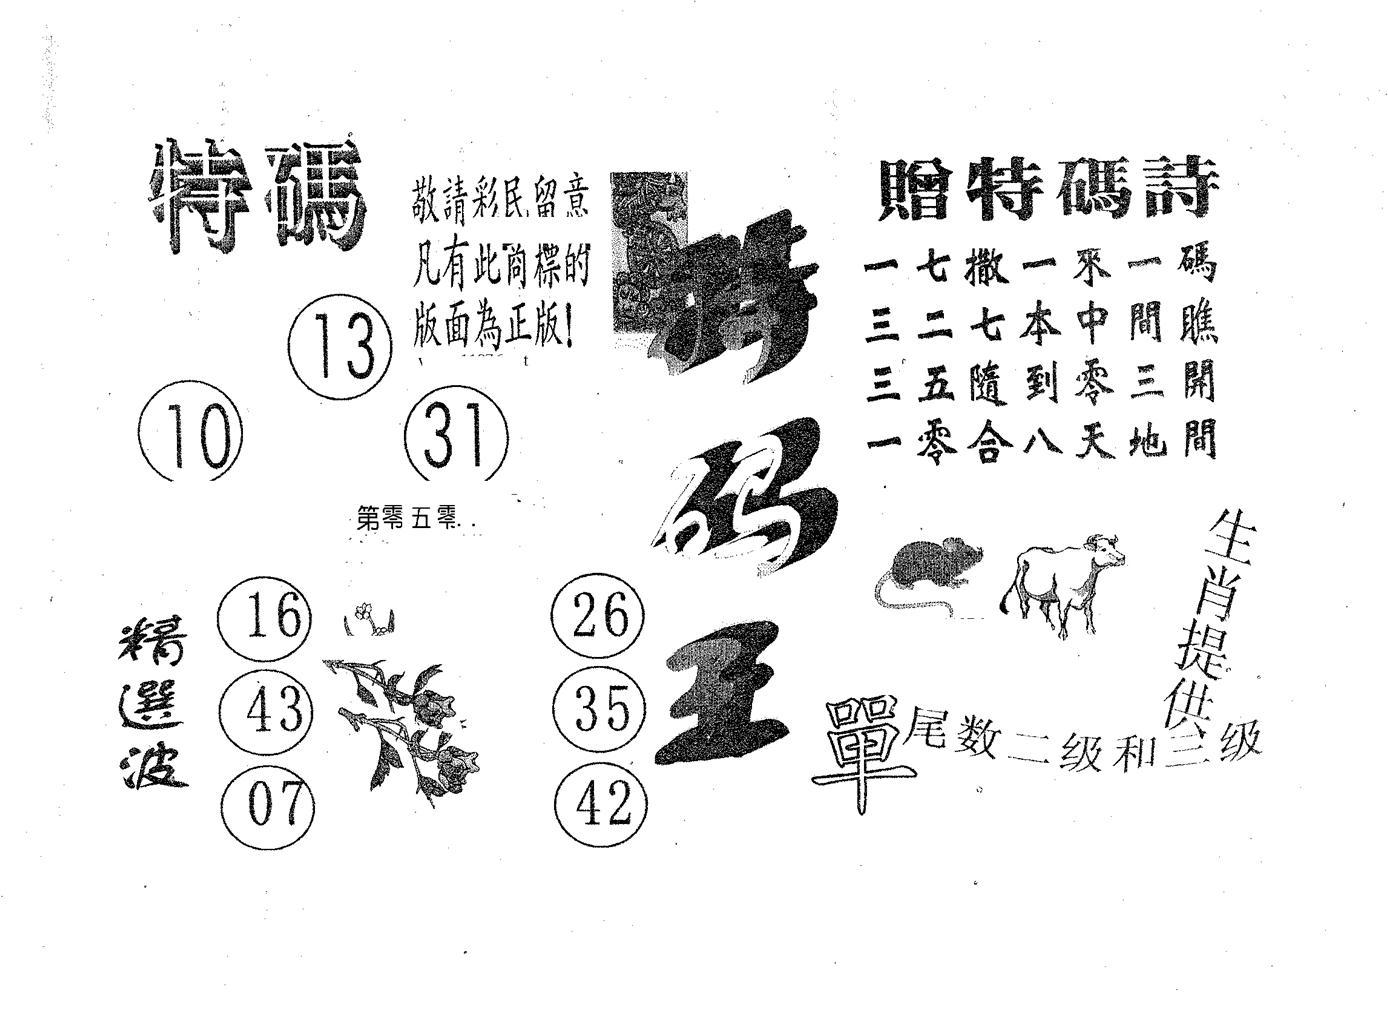 050期特码王A(黑白)